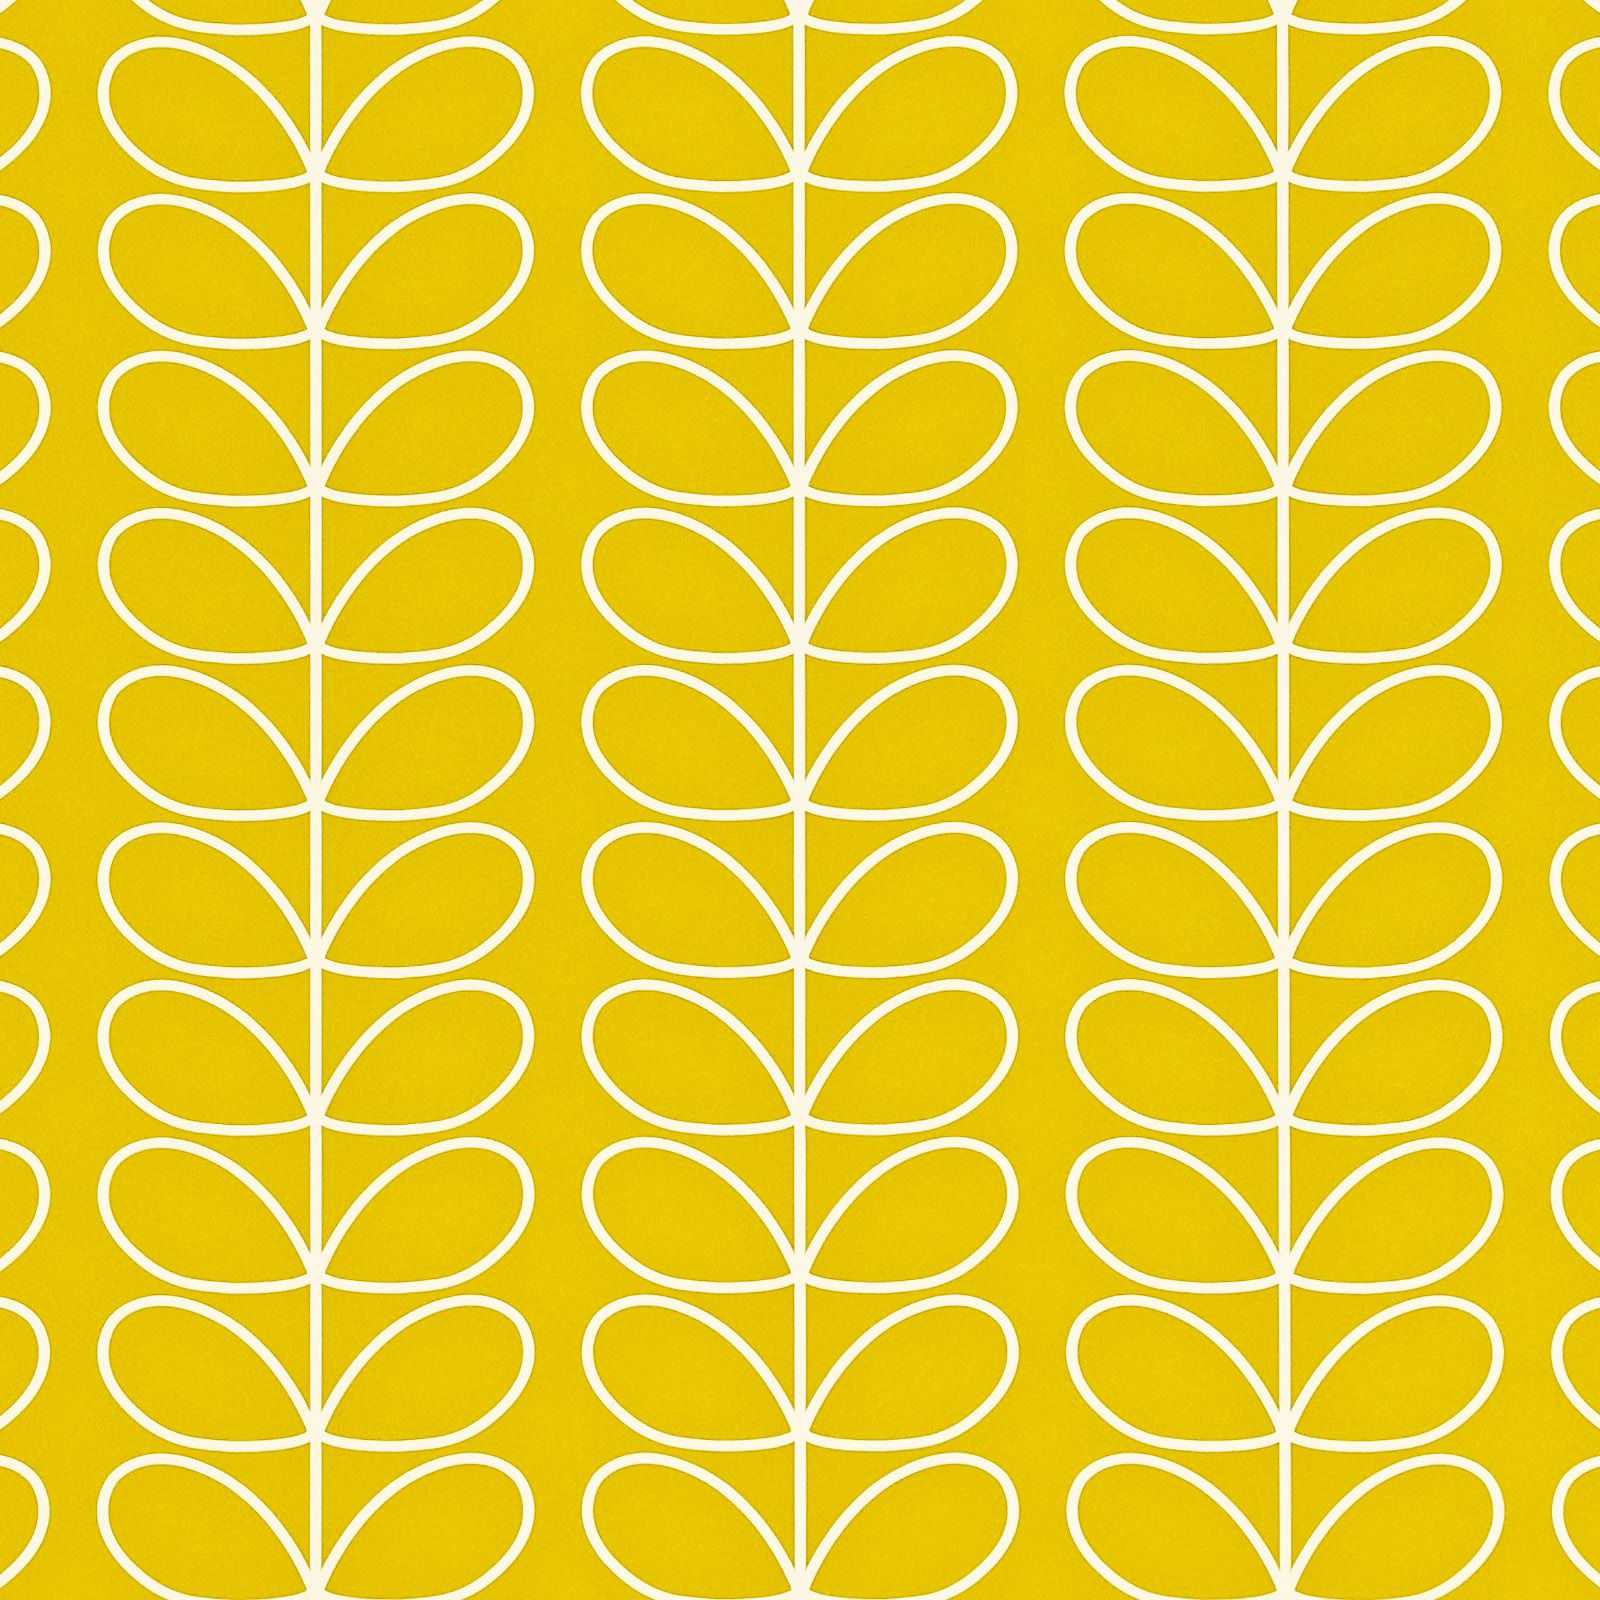 orla kiely multi stem wallpaper john lewis